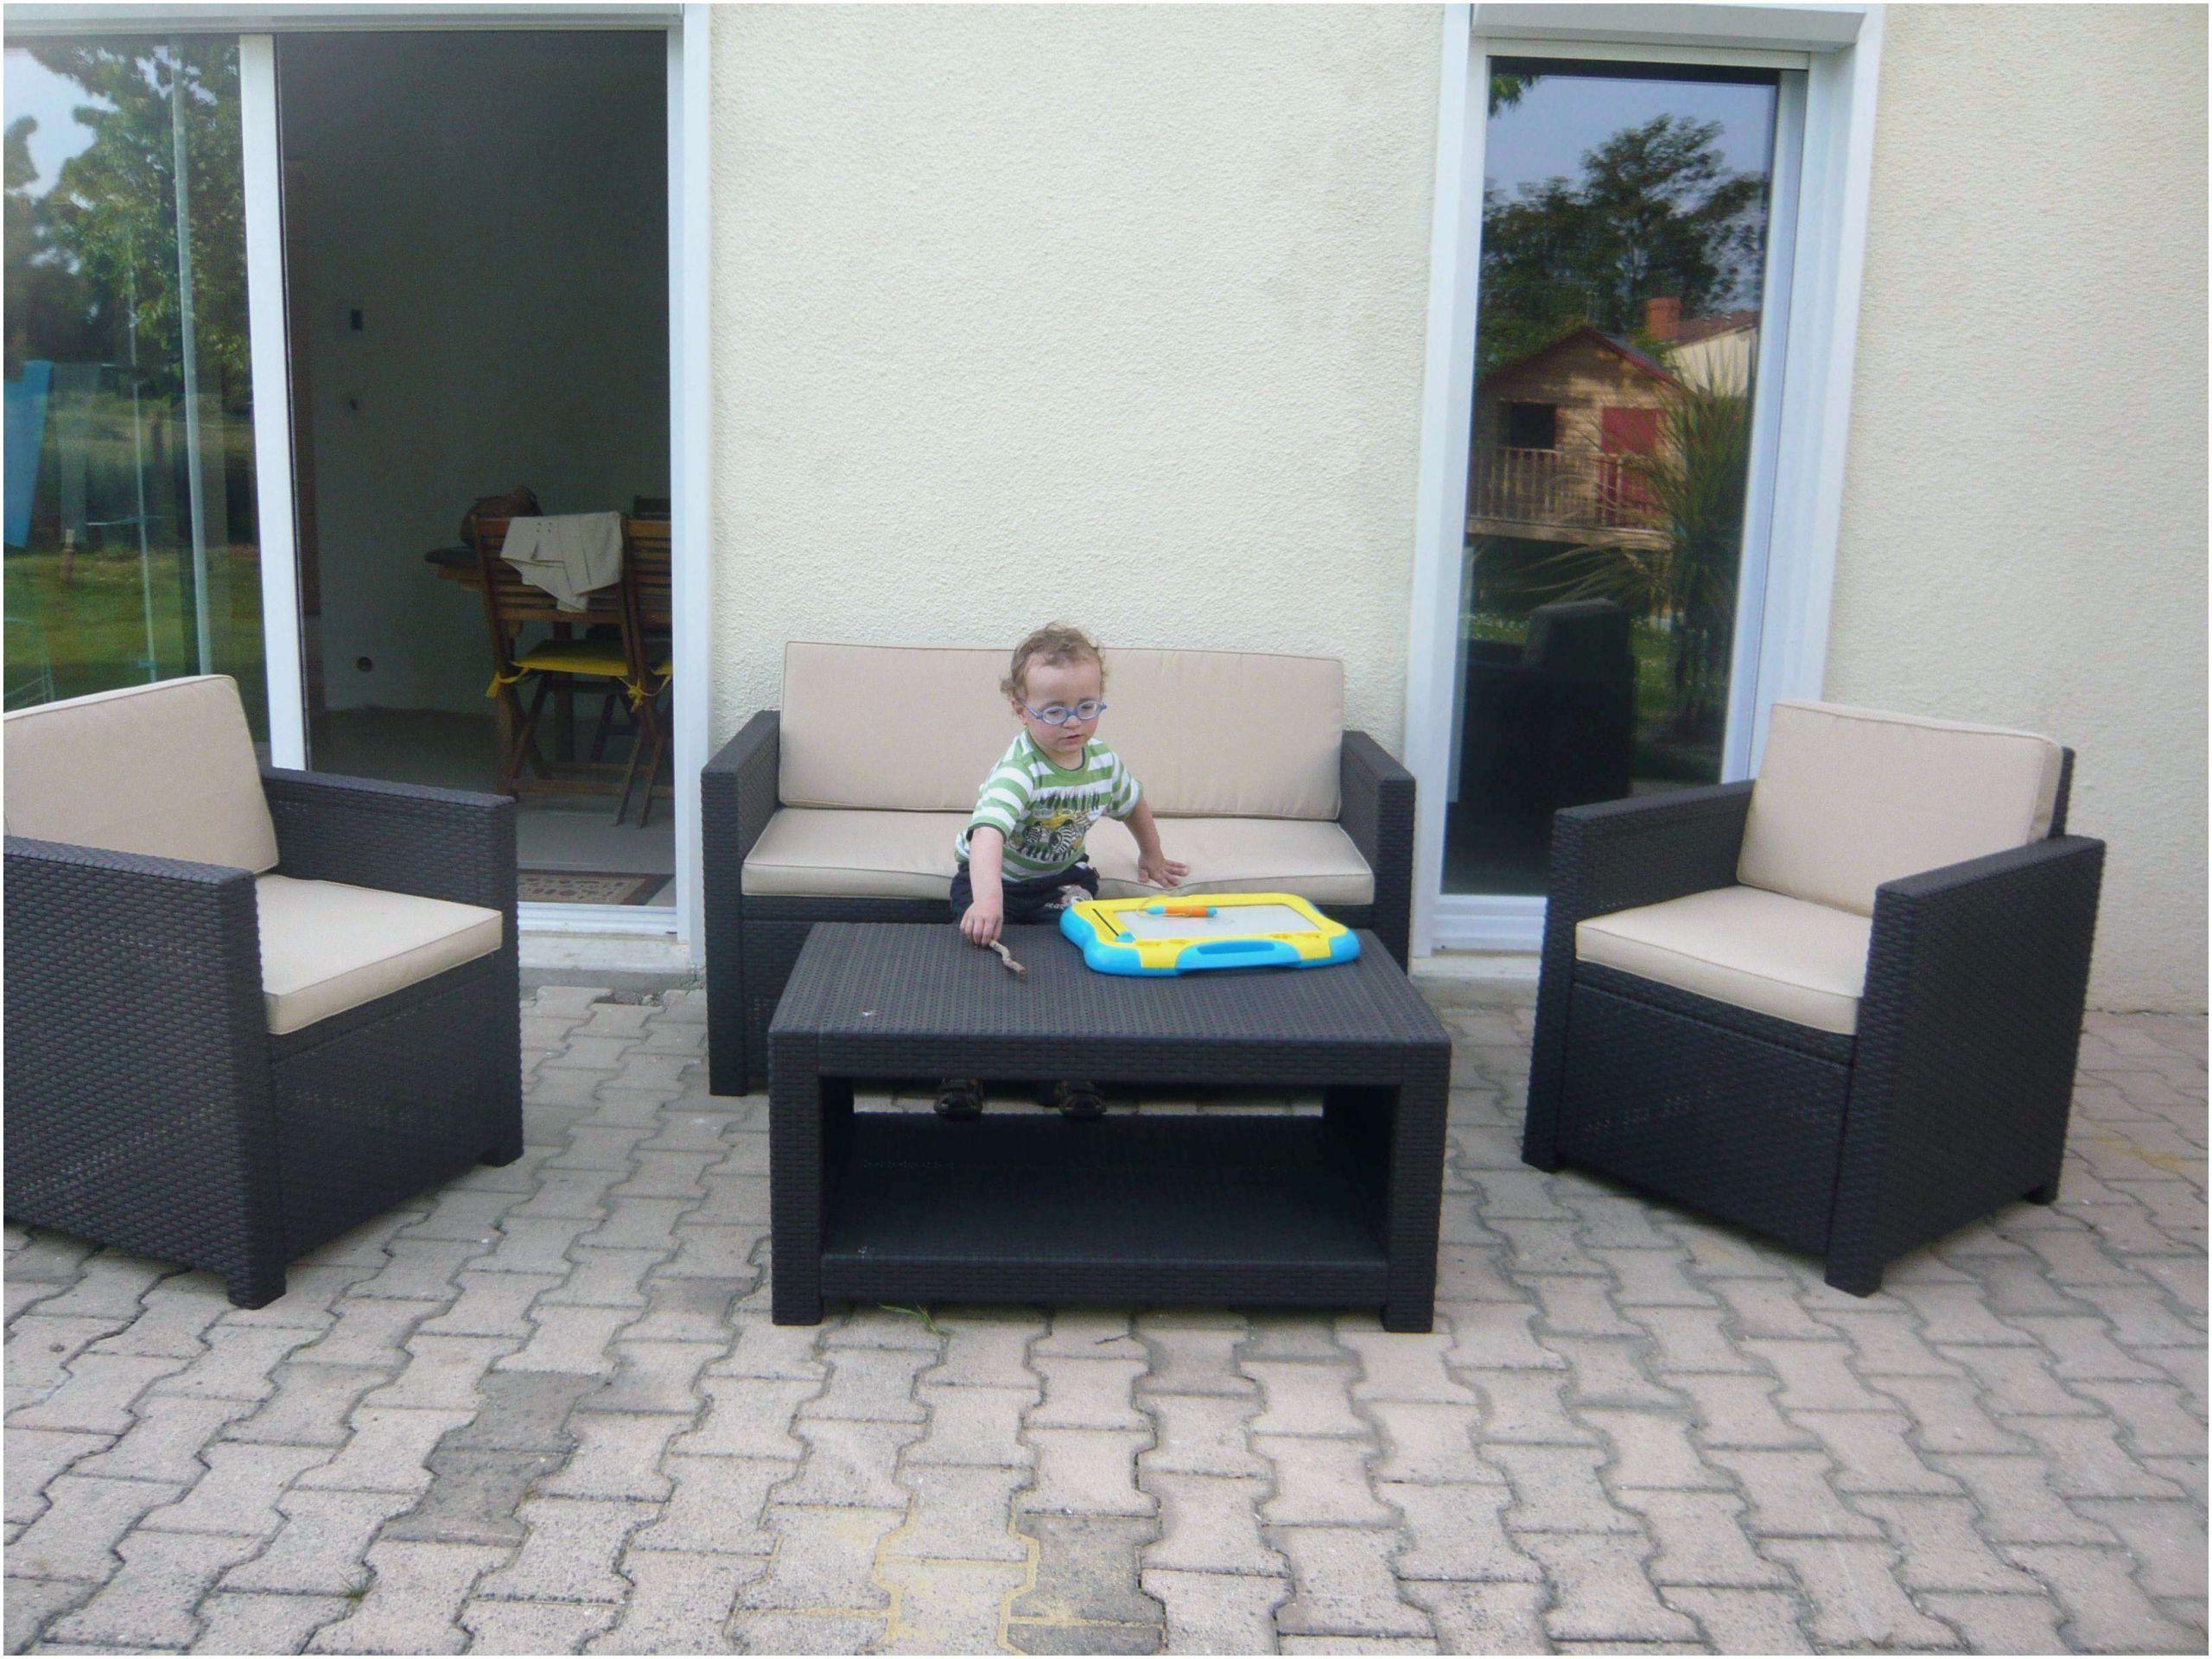 chaise jardin solde inspire mobilier de jardin moderne salon jardin solde new salon of chaise jardin solde